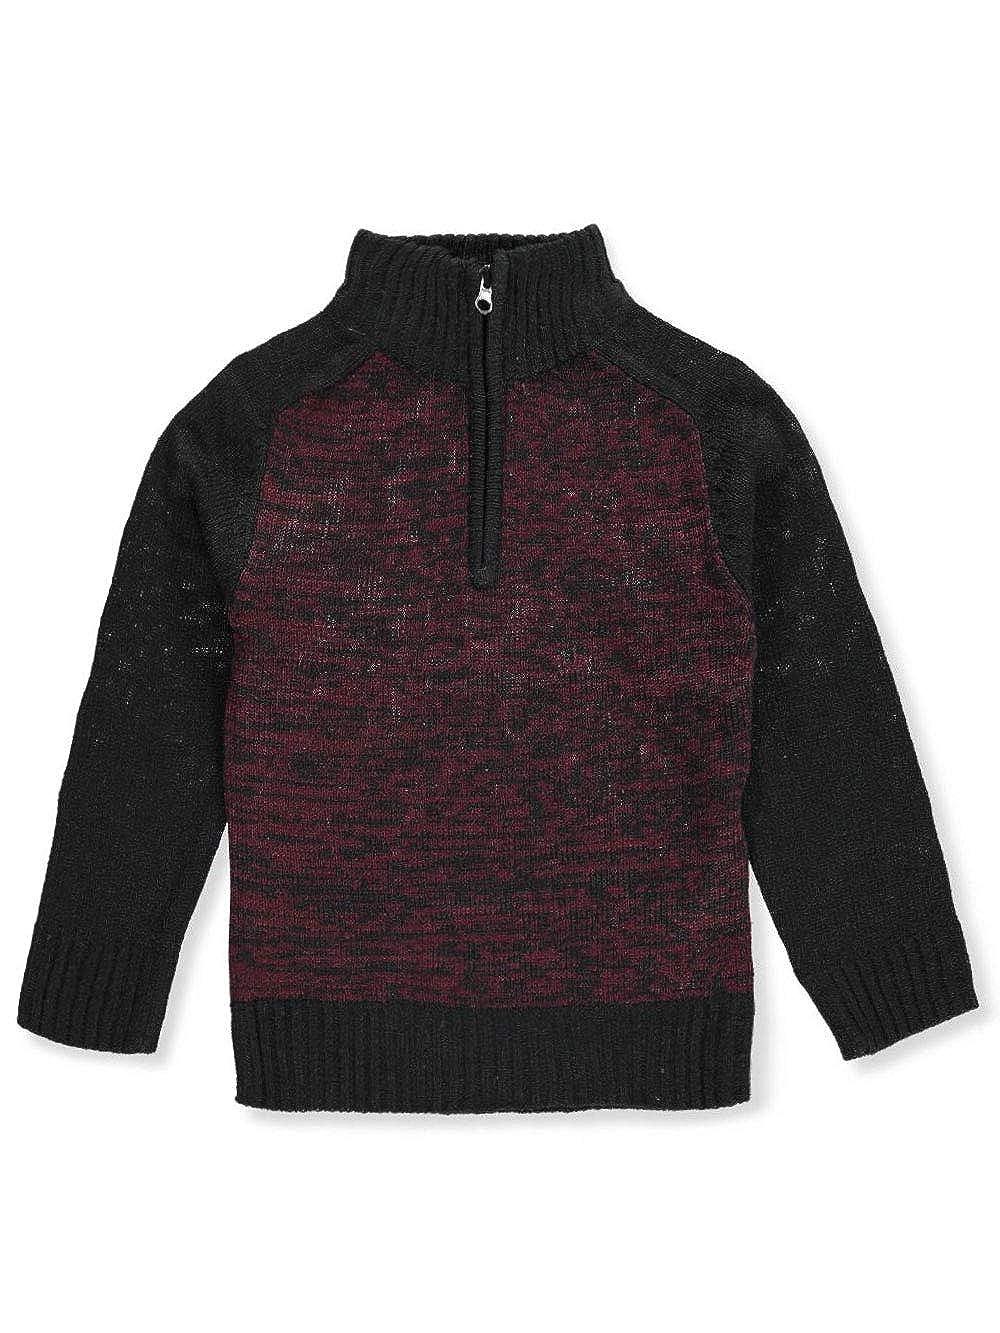 Sezzit Boys' Sweater Sezzit Boys' Sweater